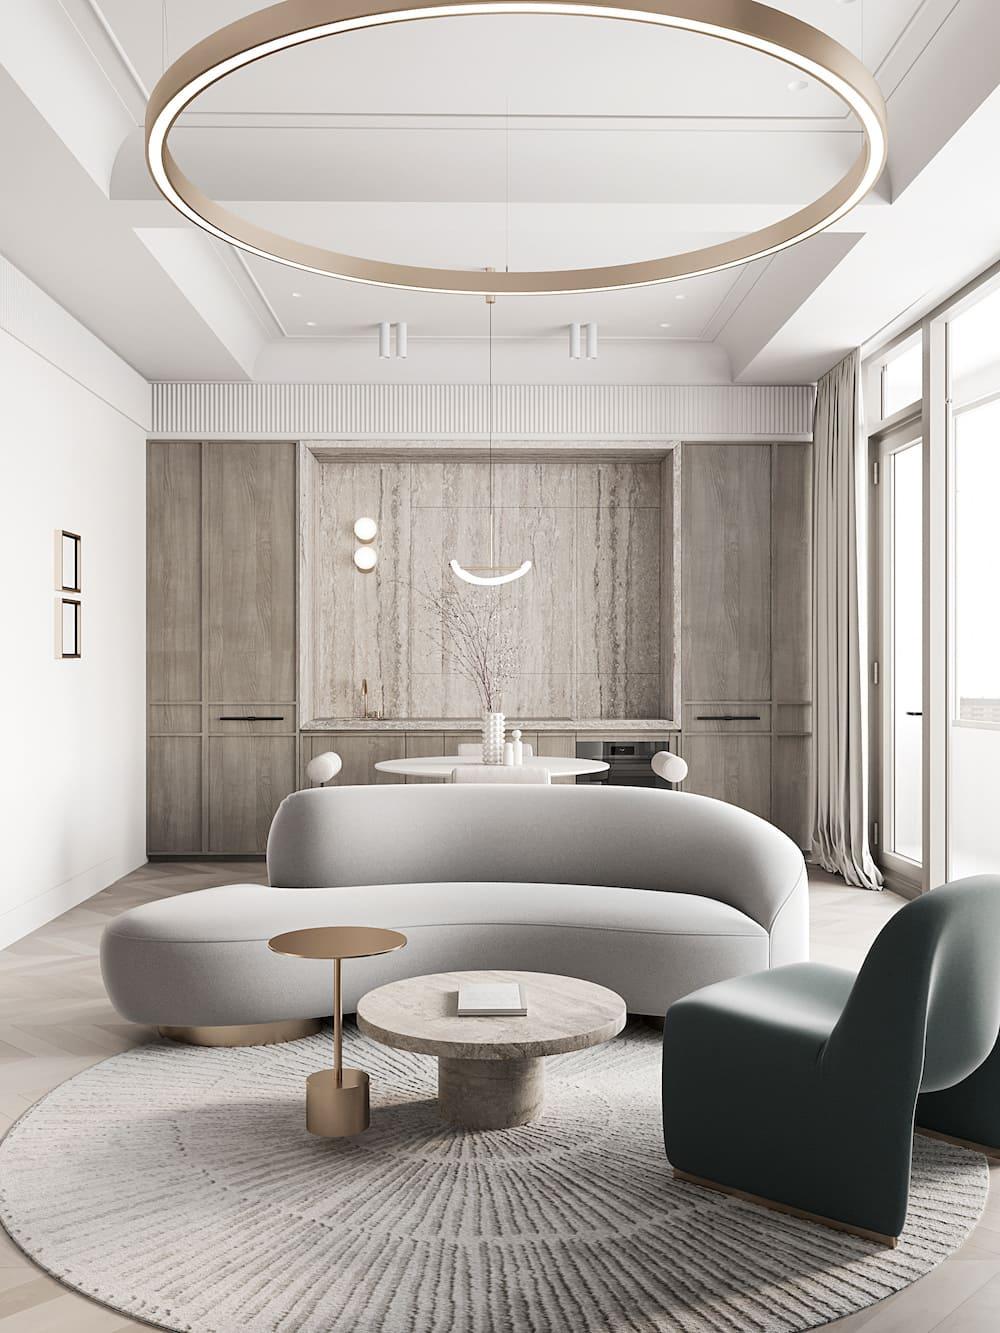 дизайн интерьера гостиной фото 6